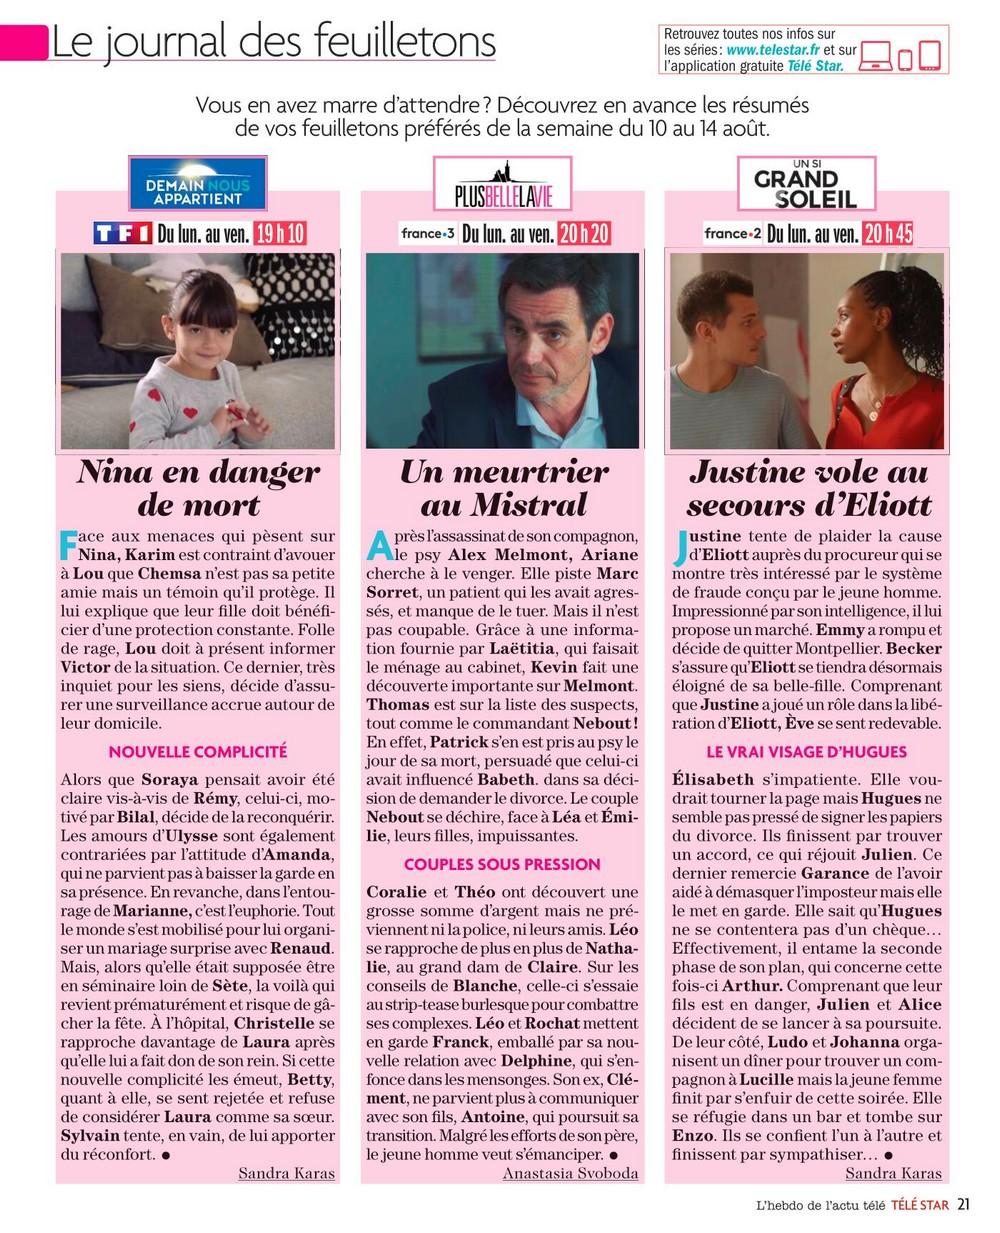 Rubrique PRESSE ! - Page 4 Telest57